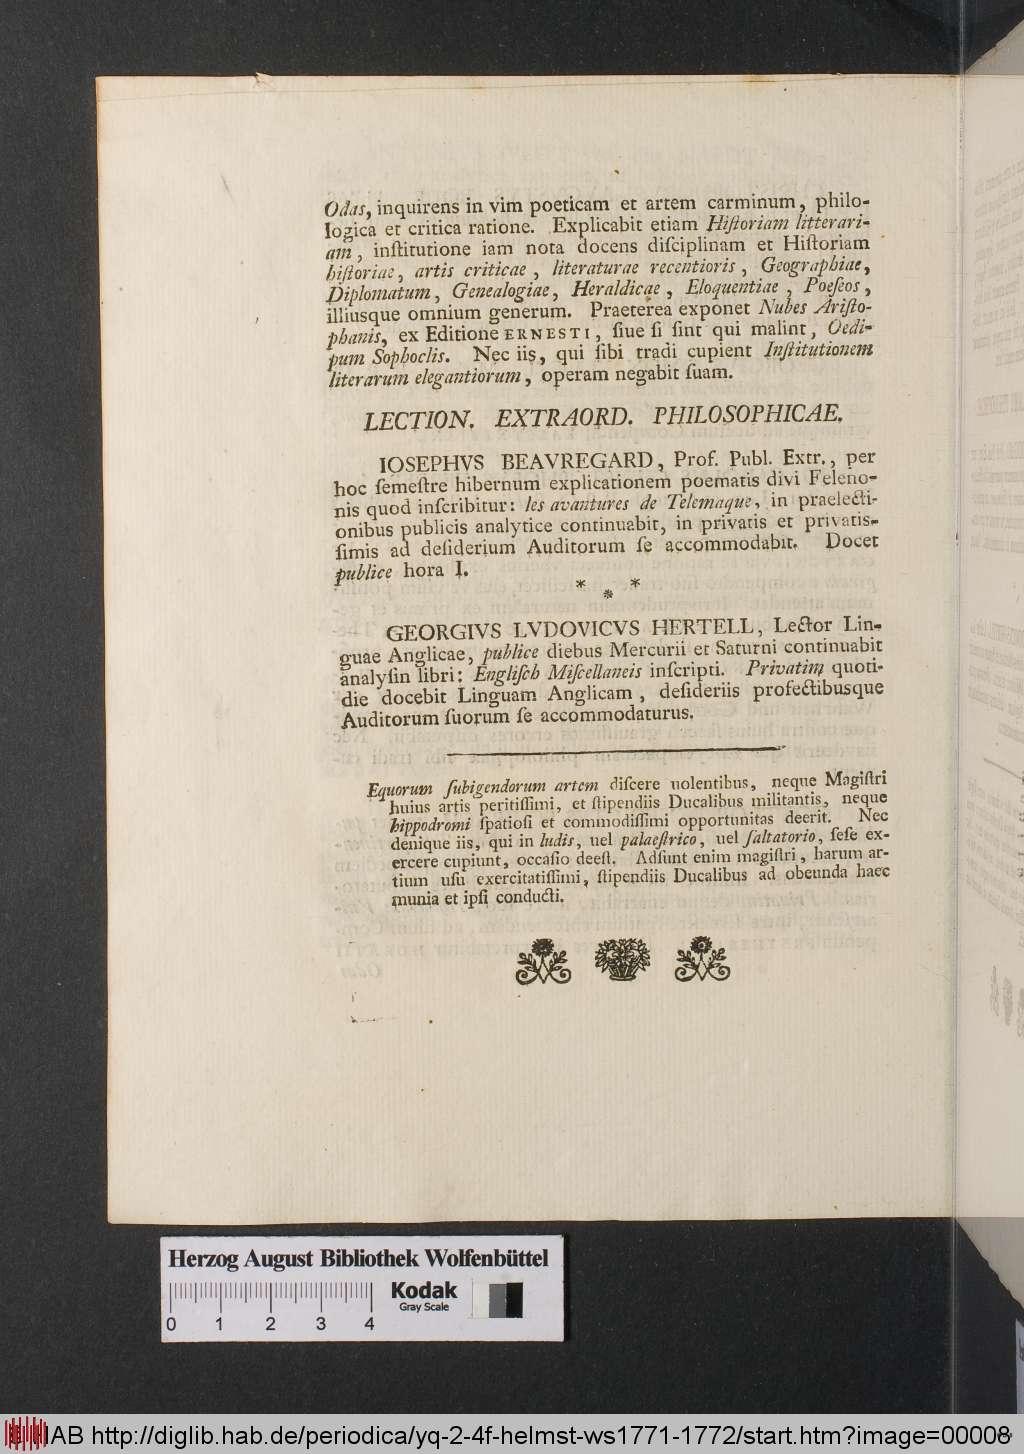 http://diglib.hab.de/periodica/yq-2-4f-helmst-ws1771-1772/00008.jpg